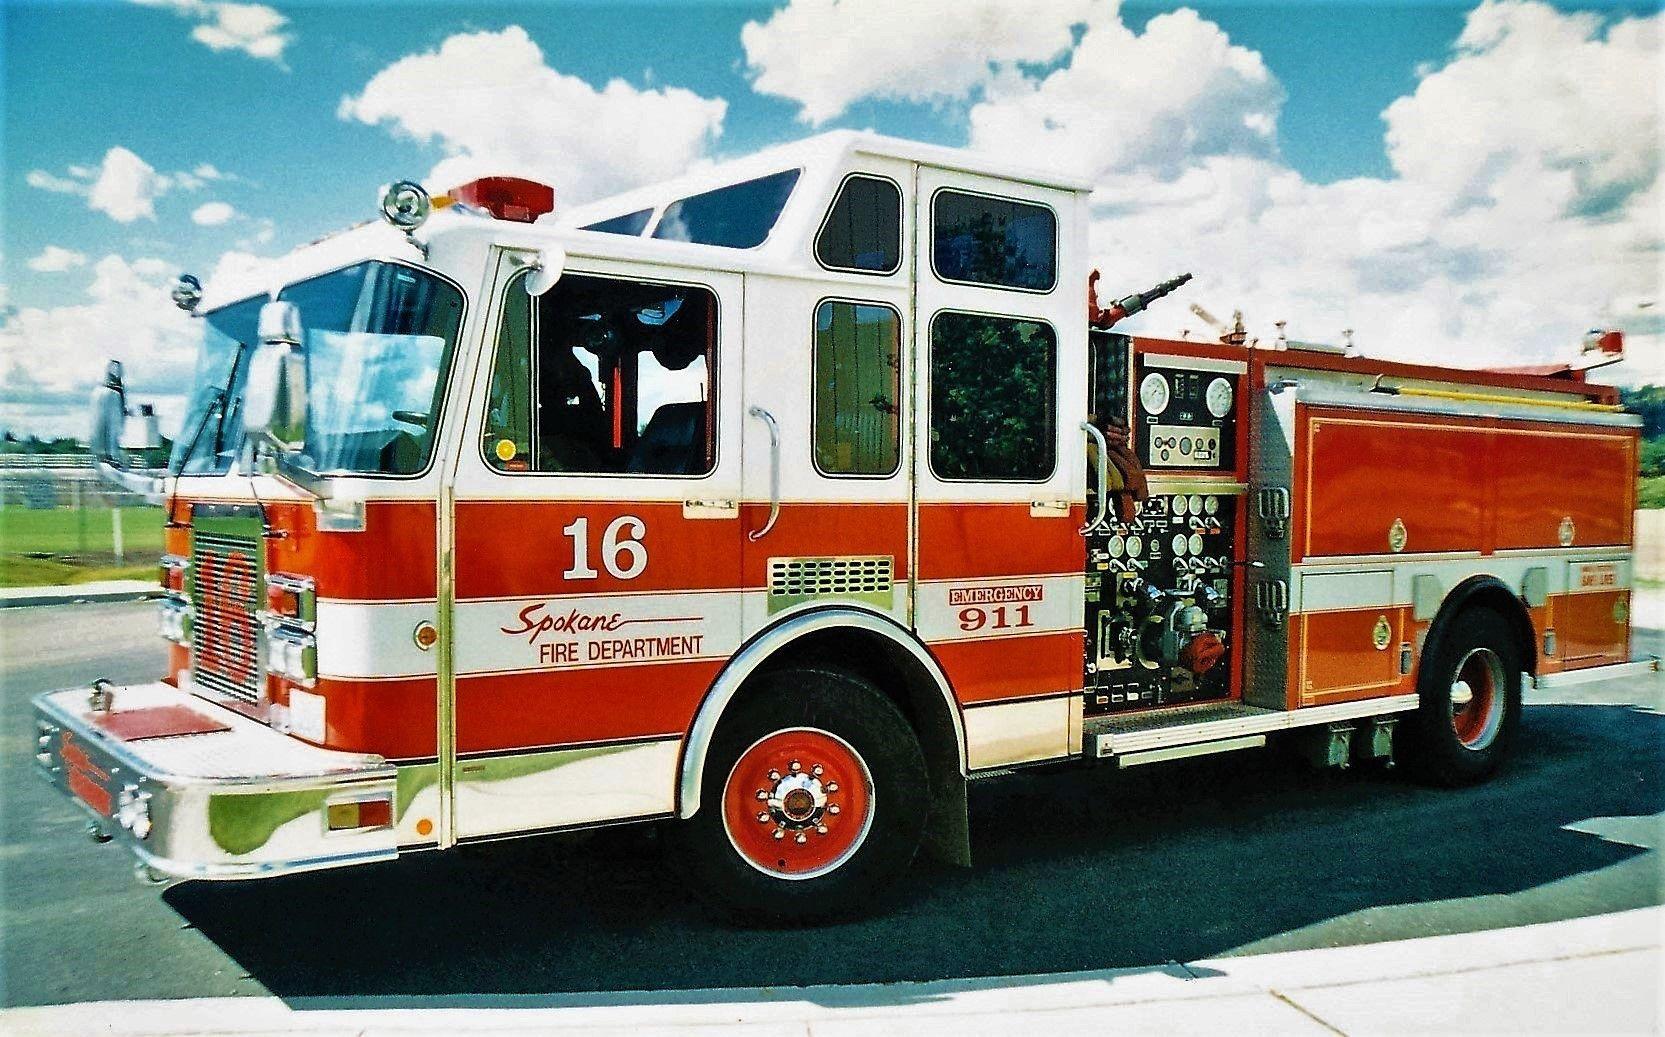 Spokane Fire Department Engine 16 Fire Trucks Fire Service Fire Rescue